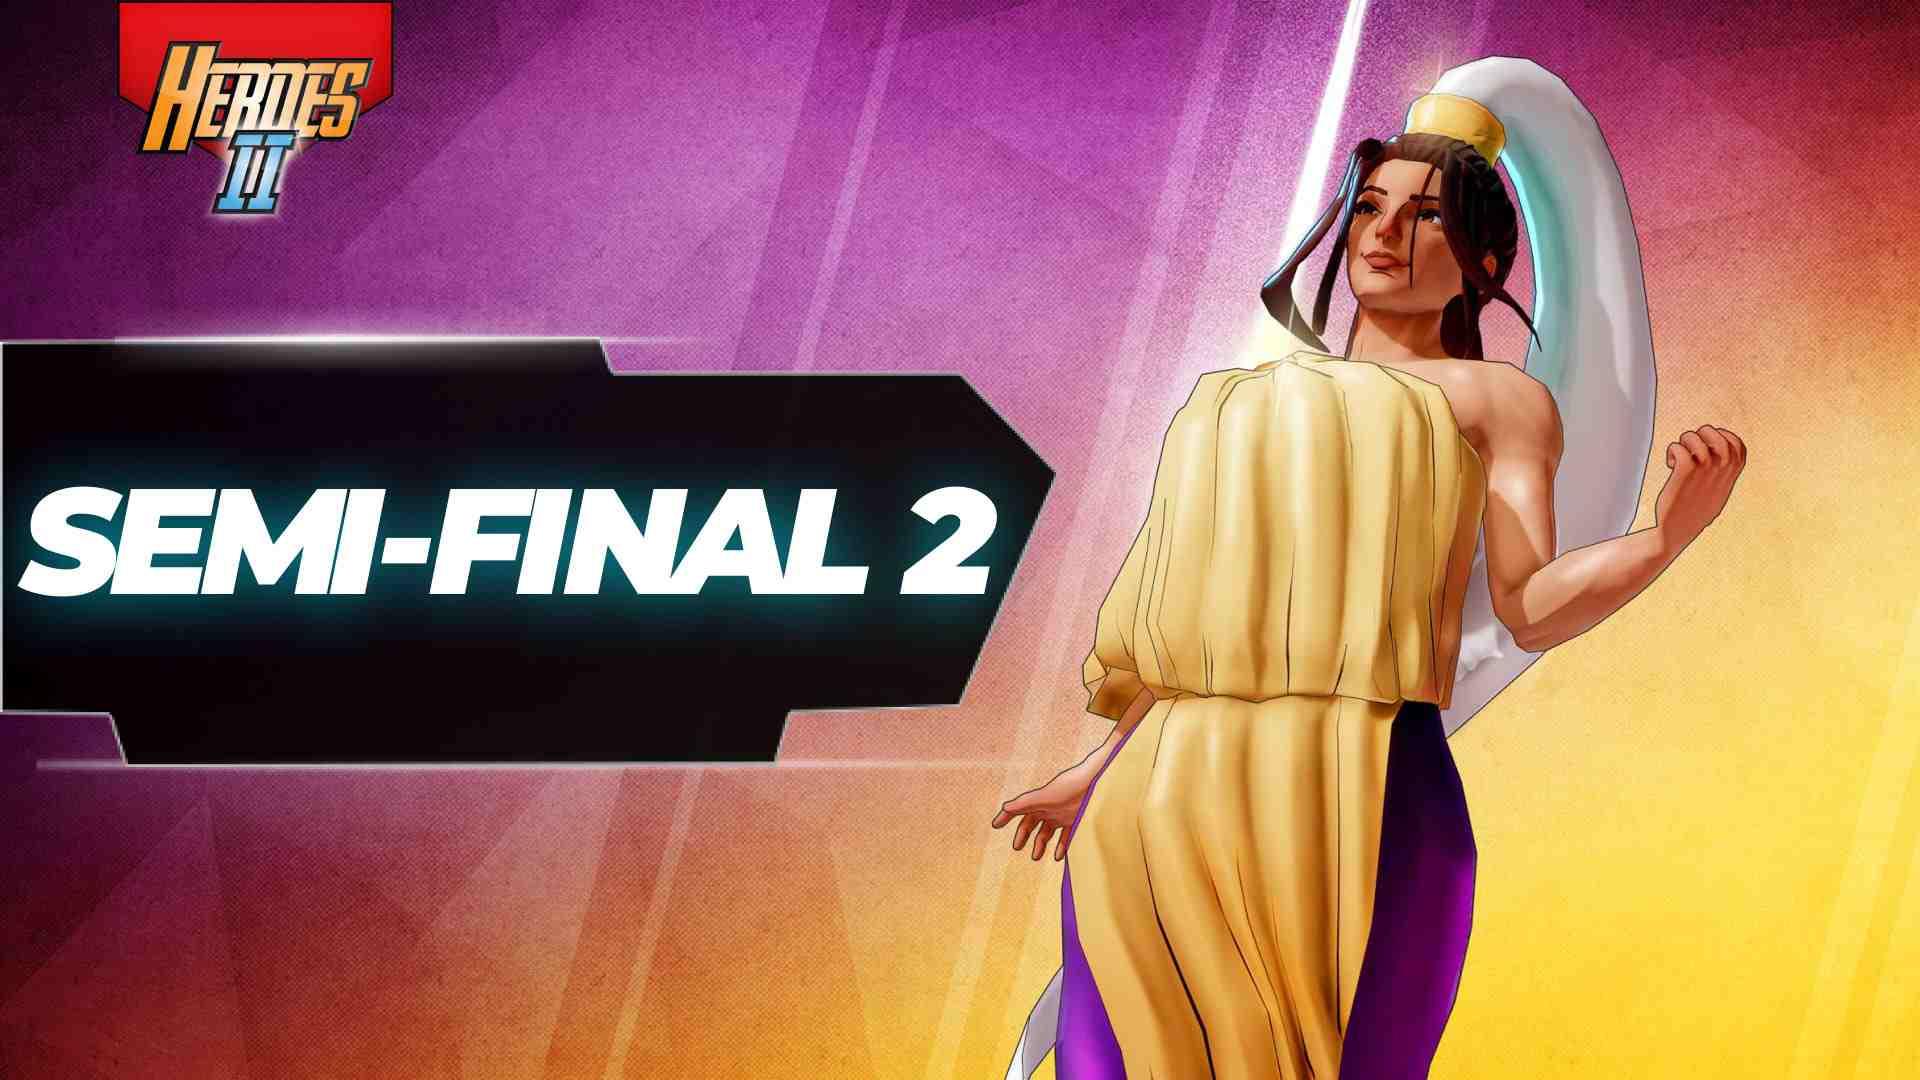 Semi-final 2 banner